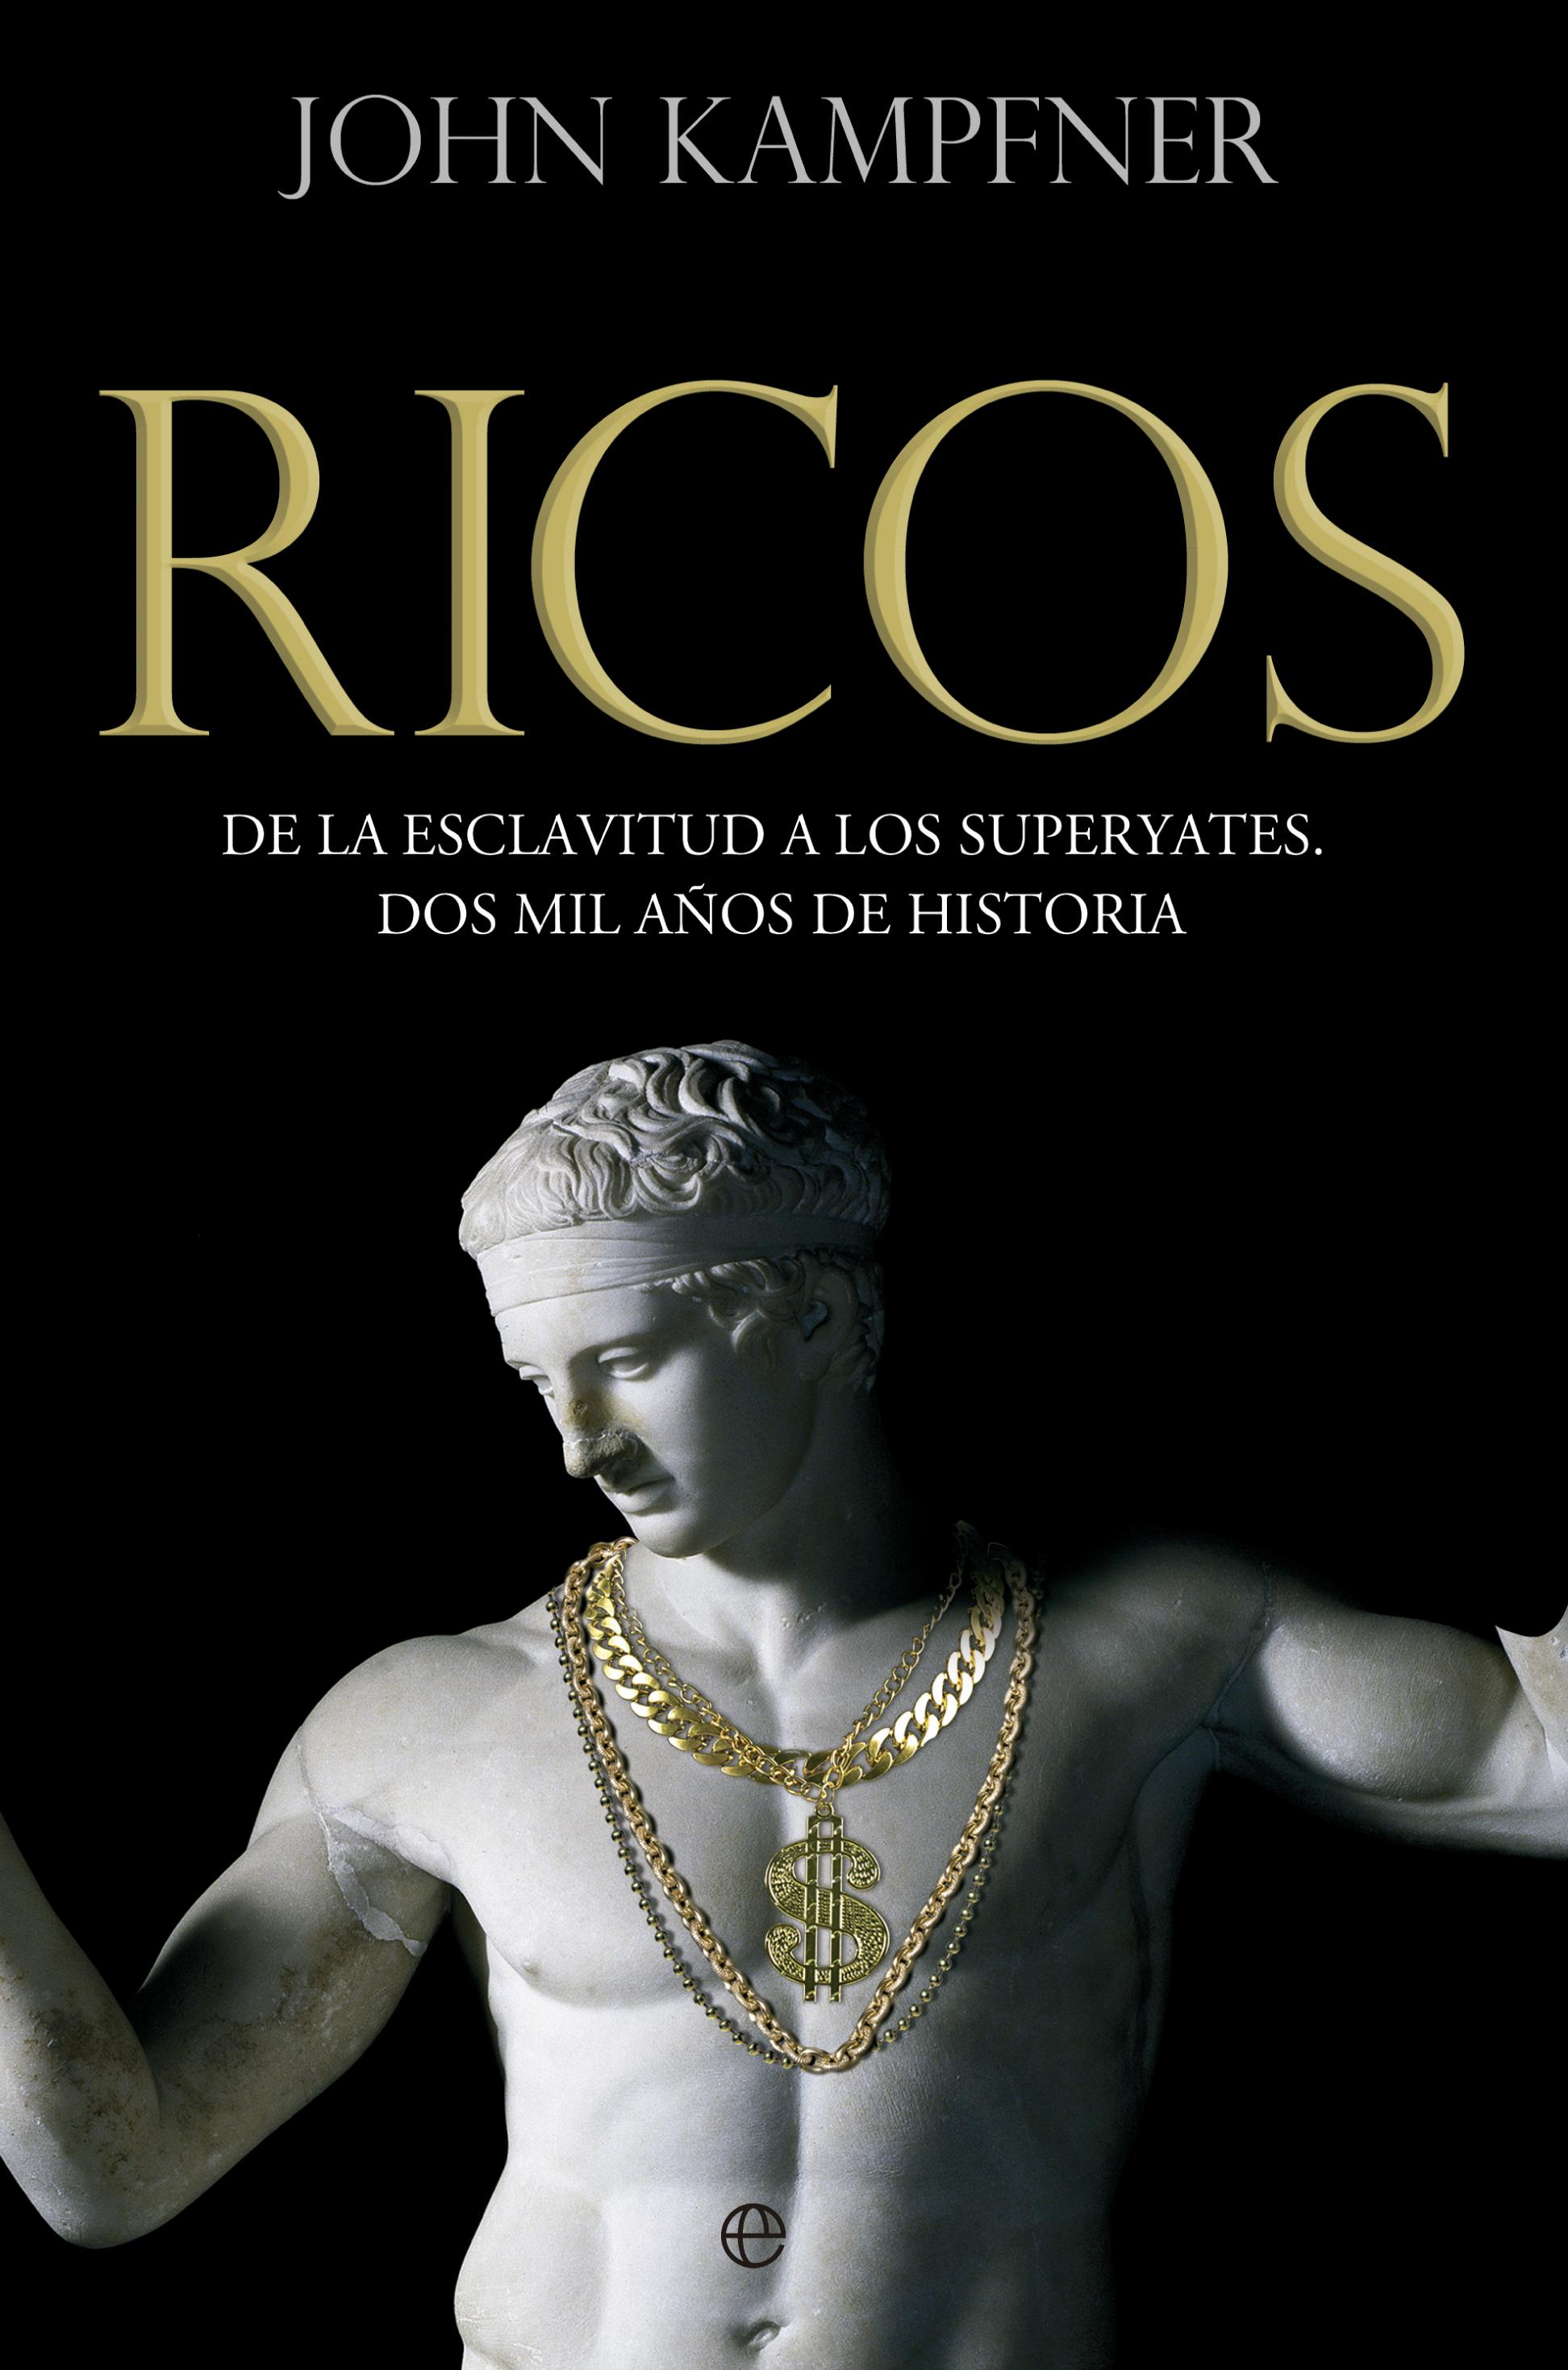 SOBRECUB-RICOS-OK.indd